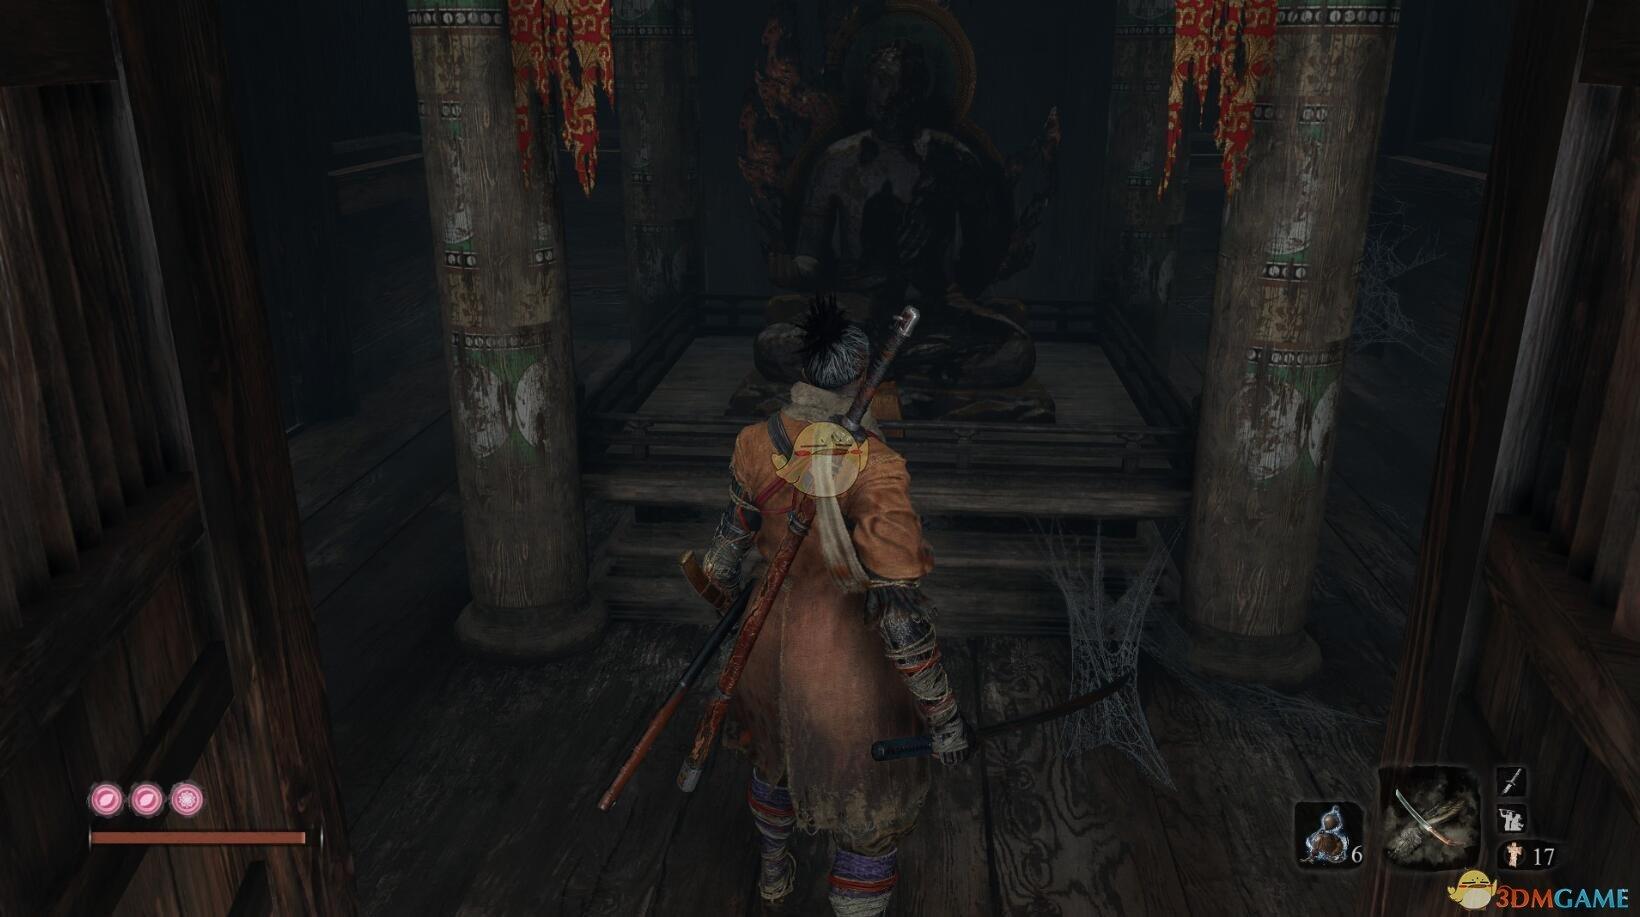 《只狼:影逝二度》仙峰寺拳法秘籍获得方法介绍